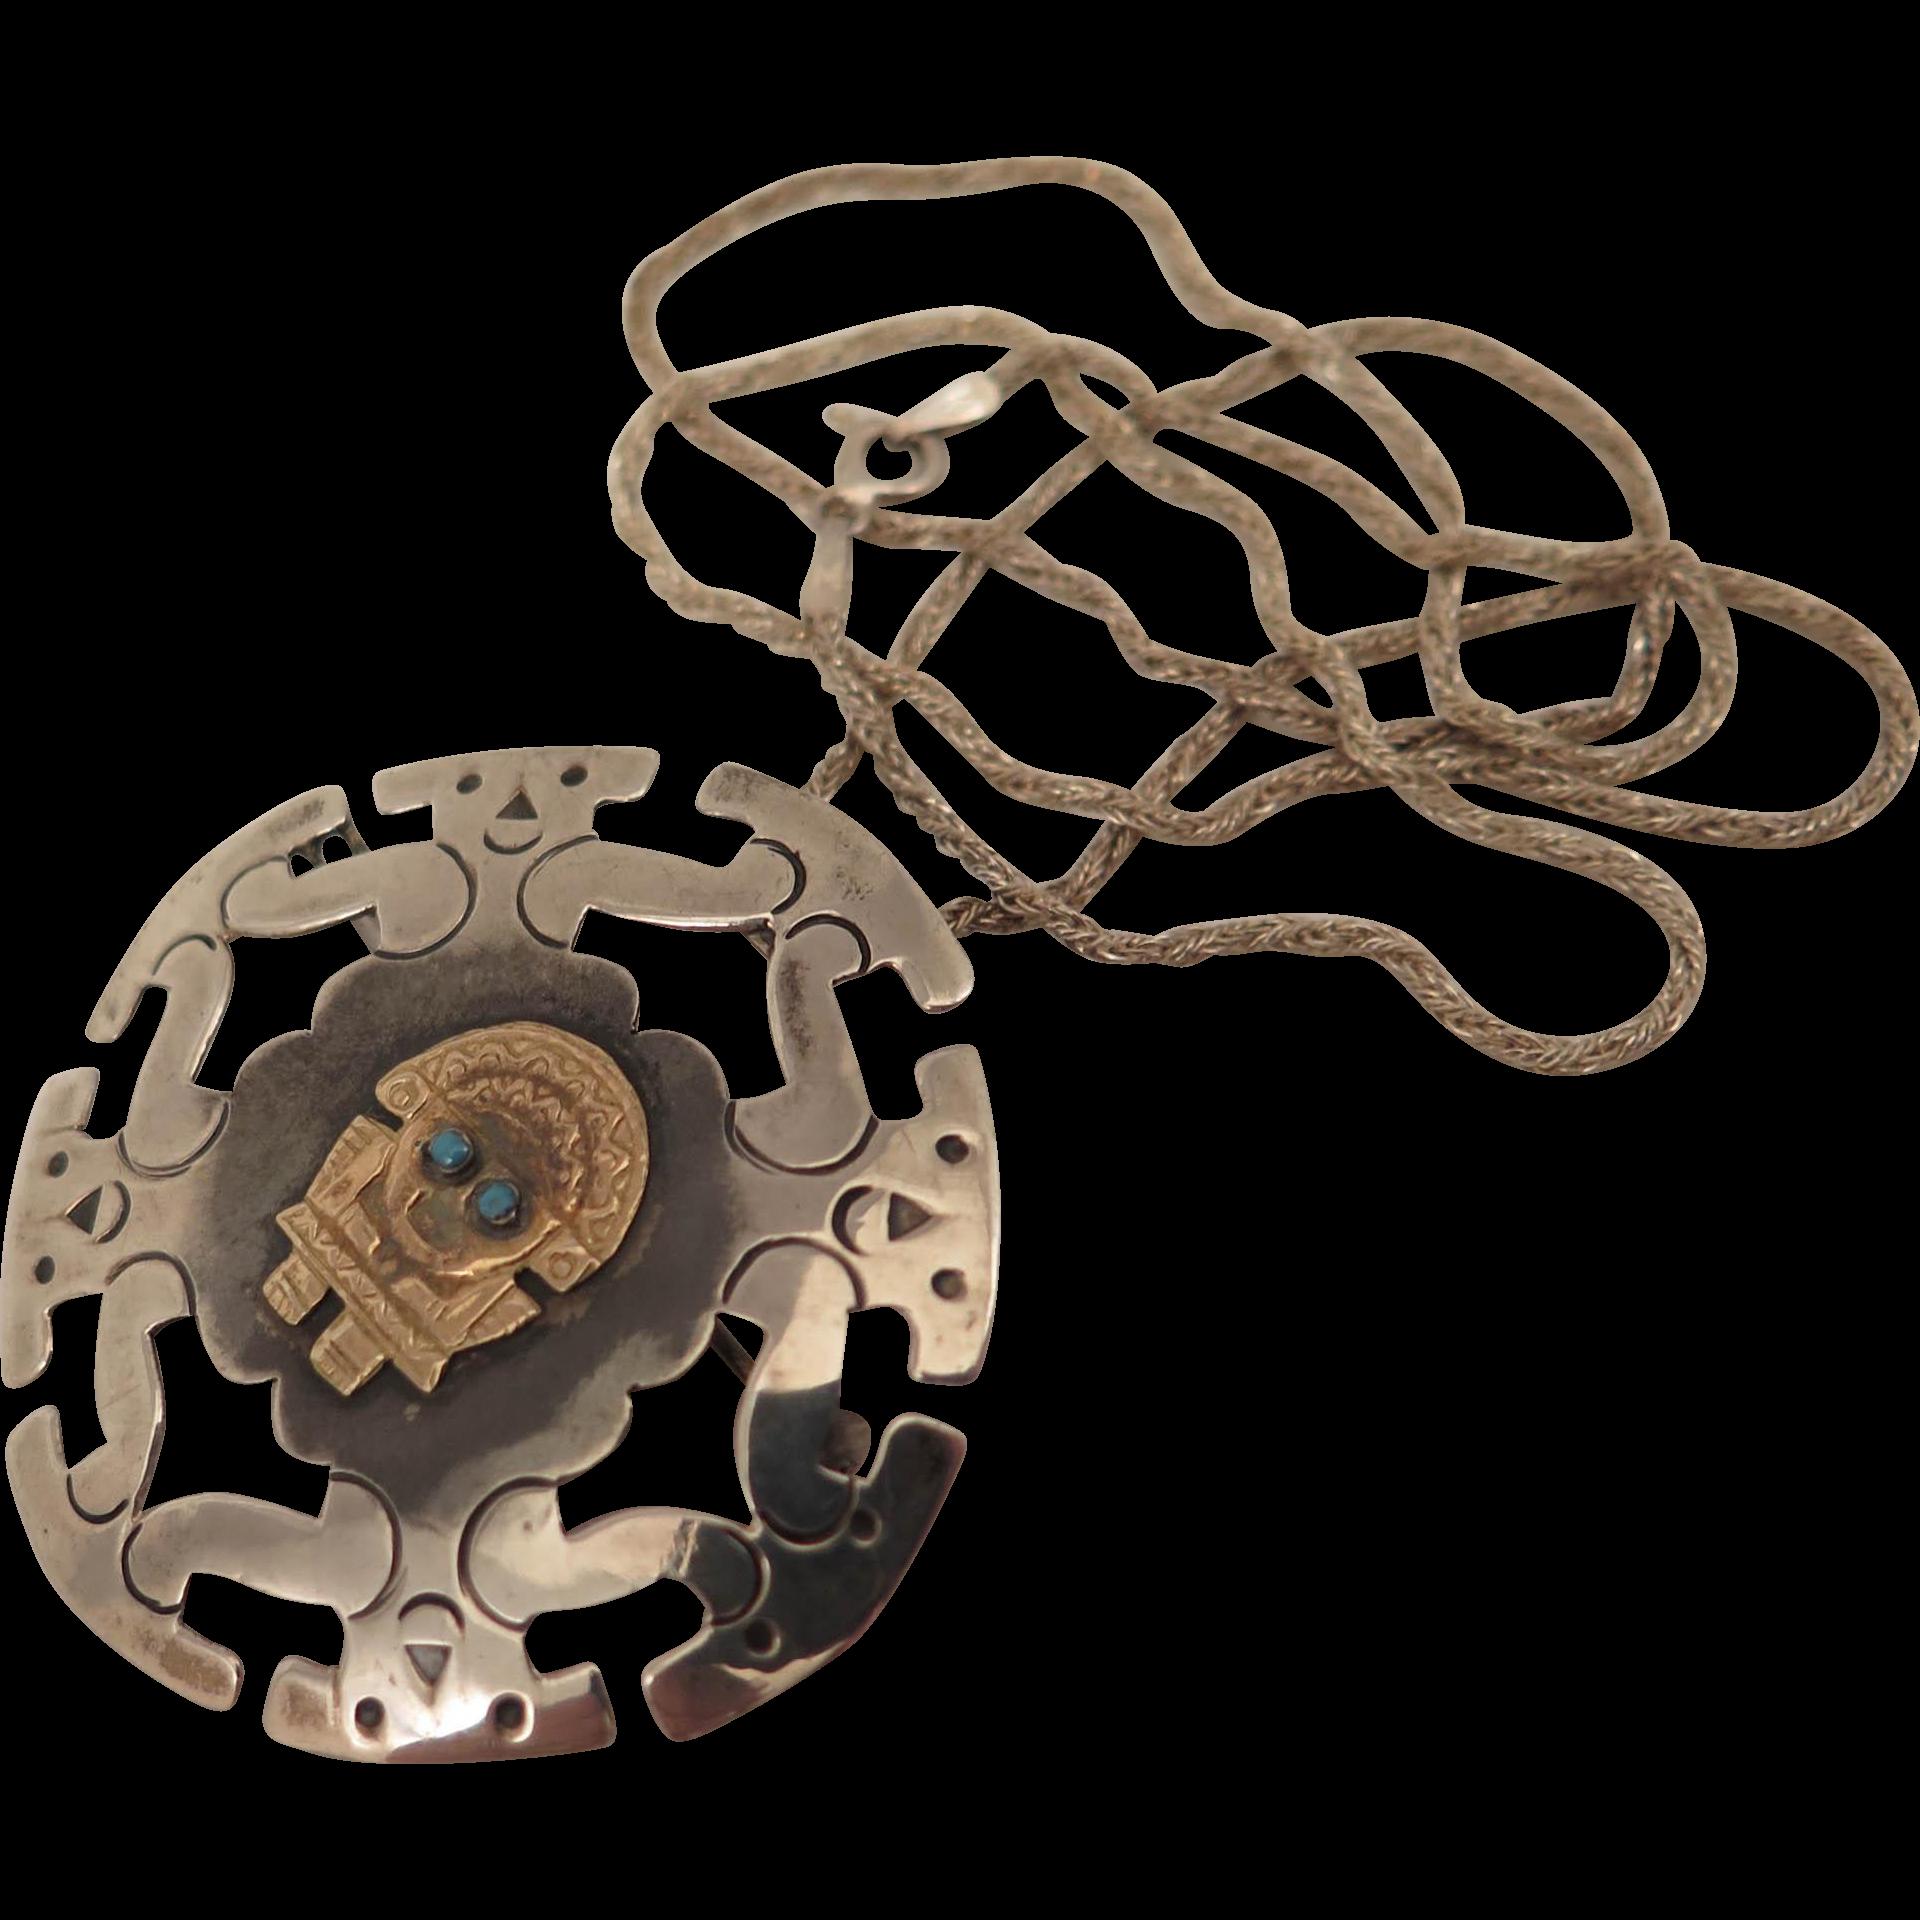 Vintage Sterling Silver 18K Aztec Pendant Brooch Necklace